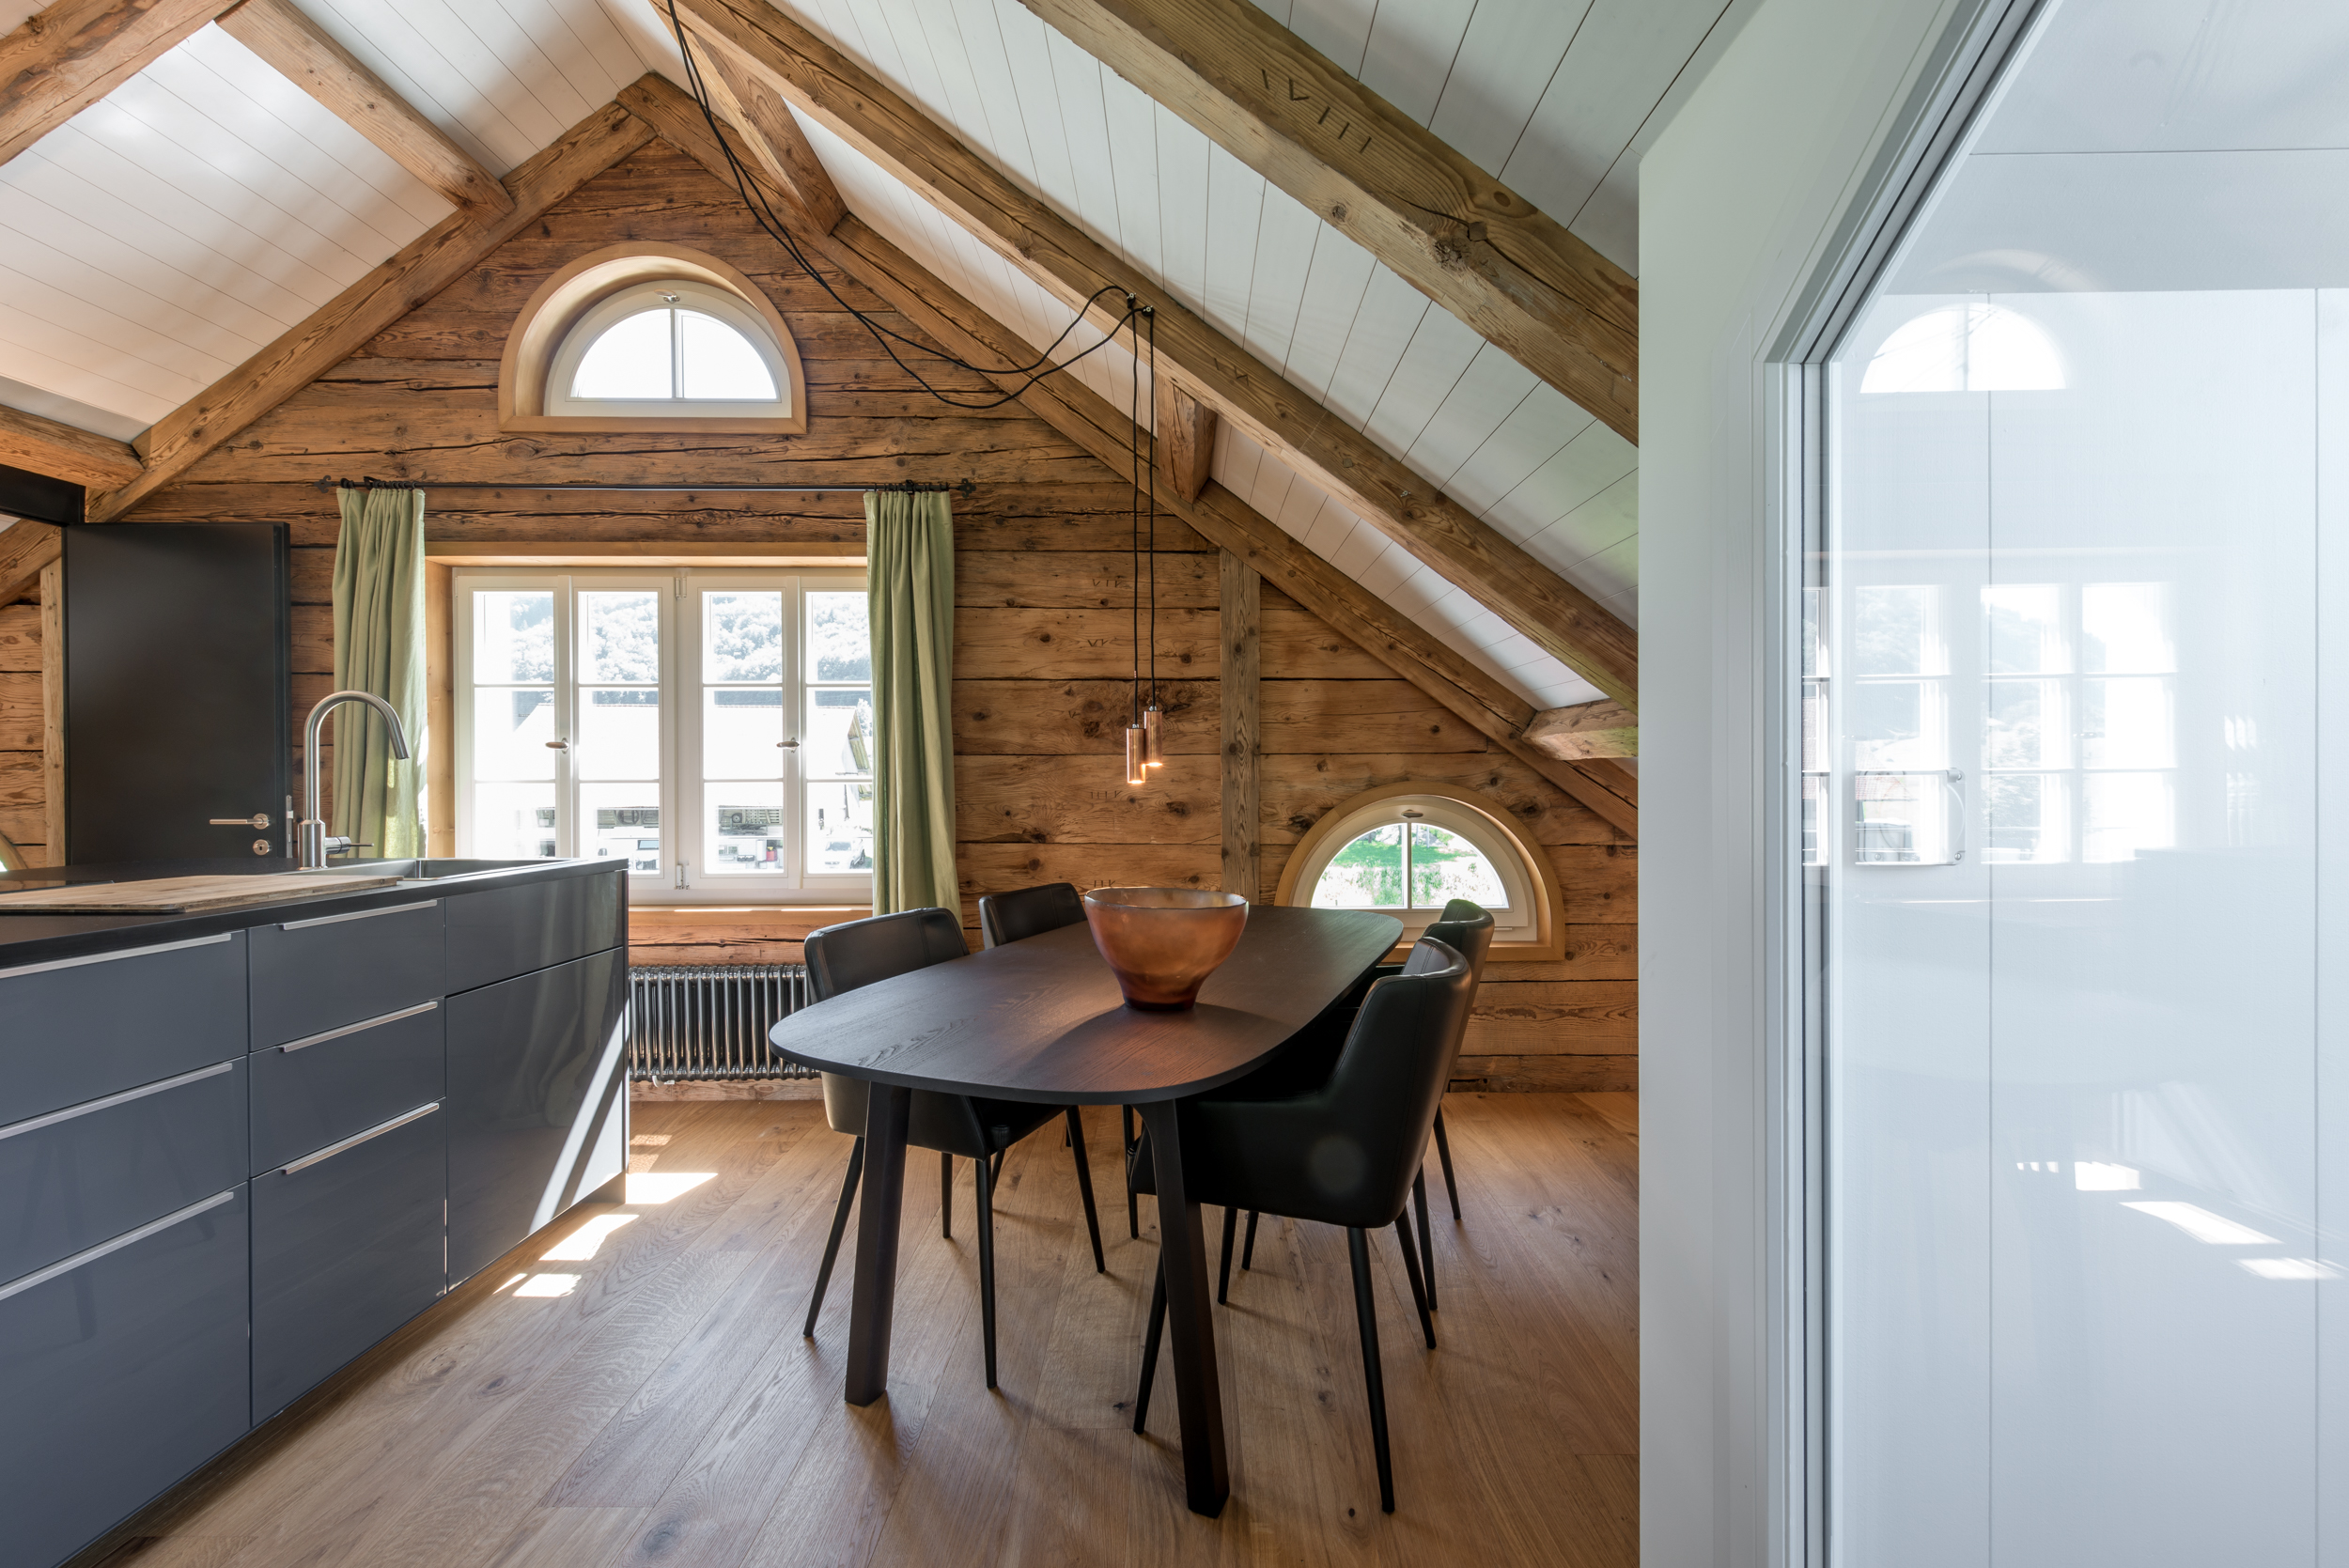 Architekturfotografie_Wohnbauten-5052.jpg